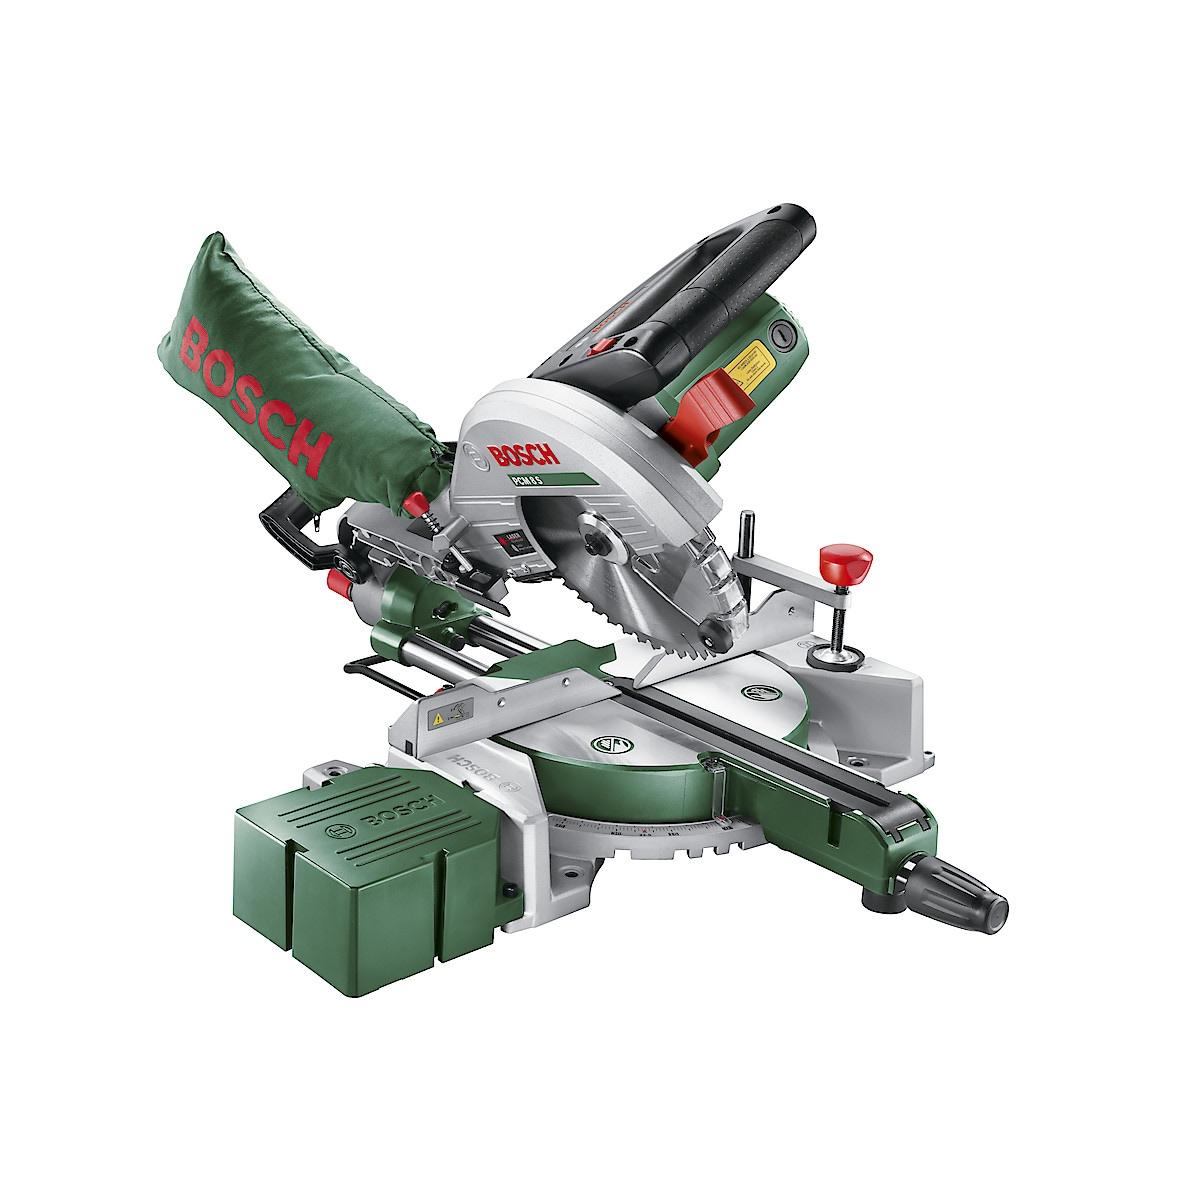 Bosch PCM 8S Sliding Compound Mitre Saw